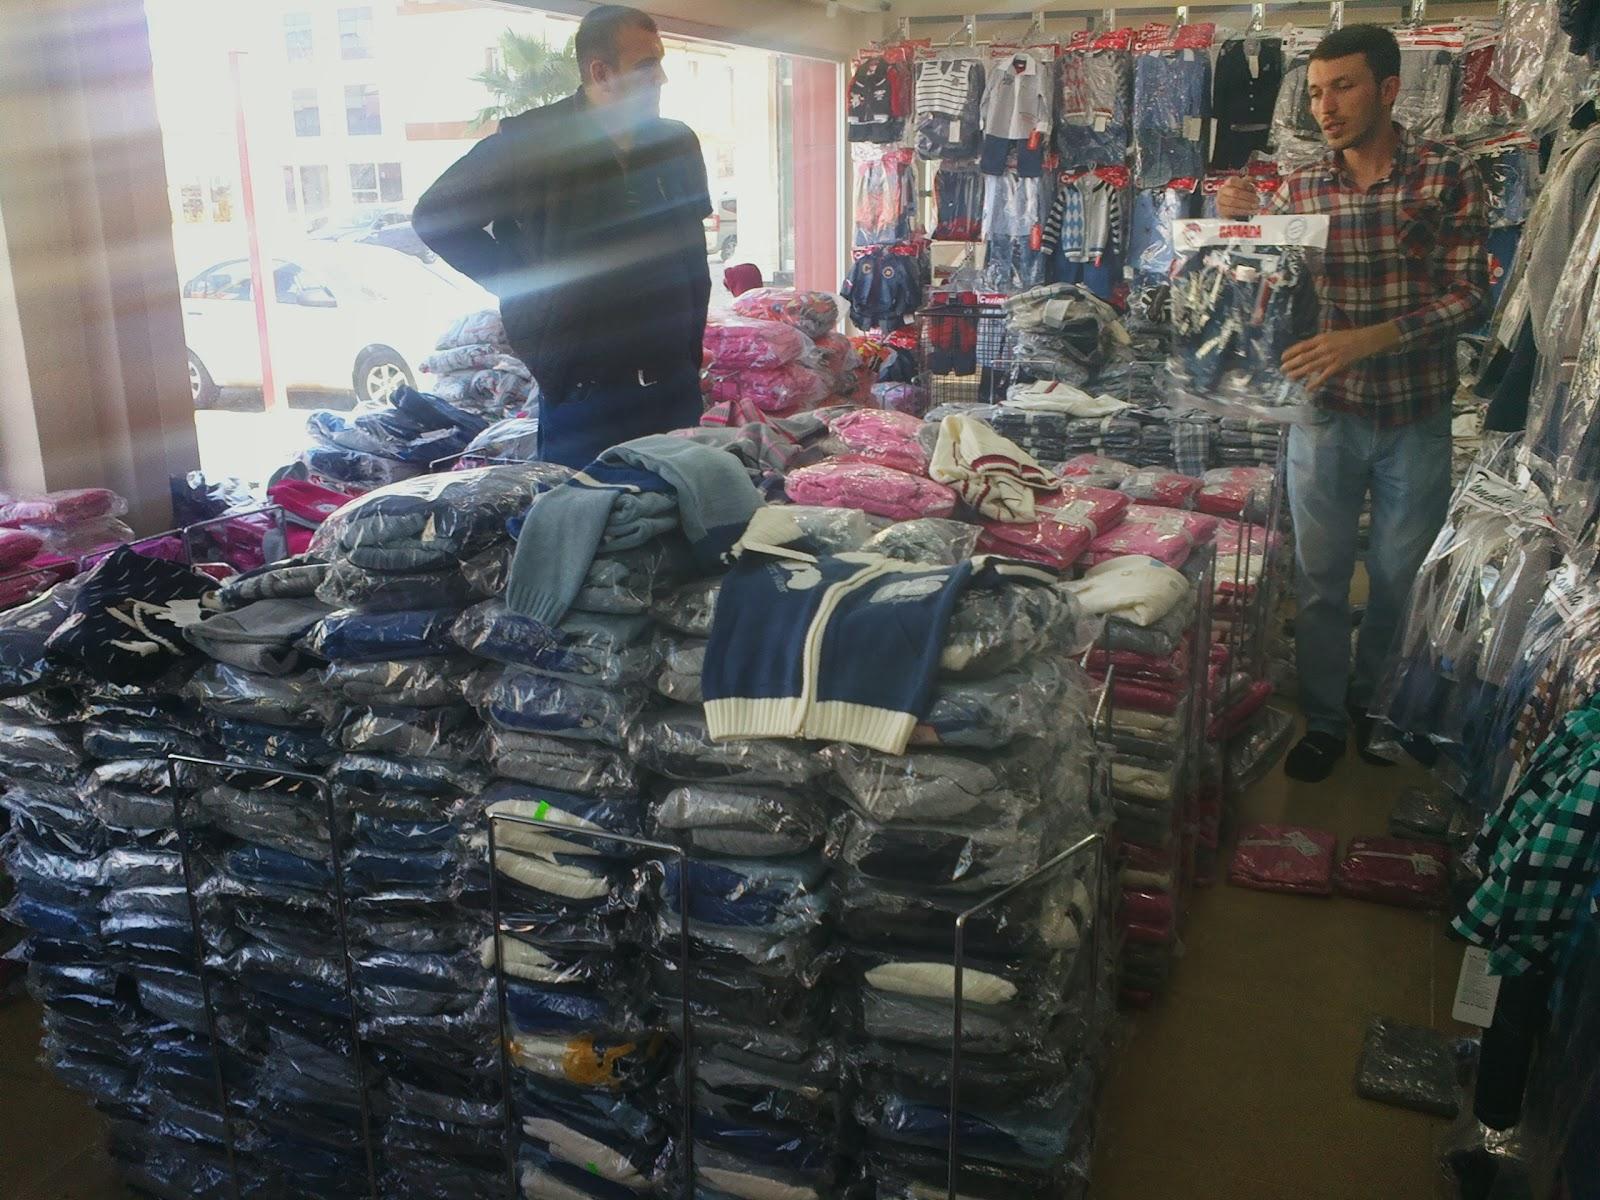 4014707890f39 MERTER TEKSTİL TOPTAN FİRMALARI : En uygun fiyata imalat yapan en ucuz  toptan istanbul merter tekstil giyim ürünleri satışı yapan firmalar,